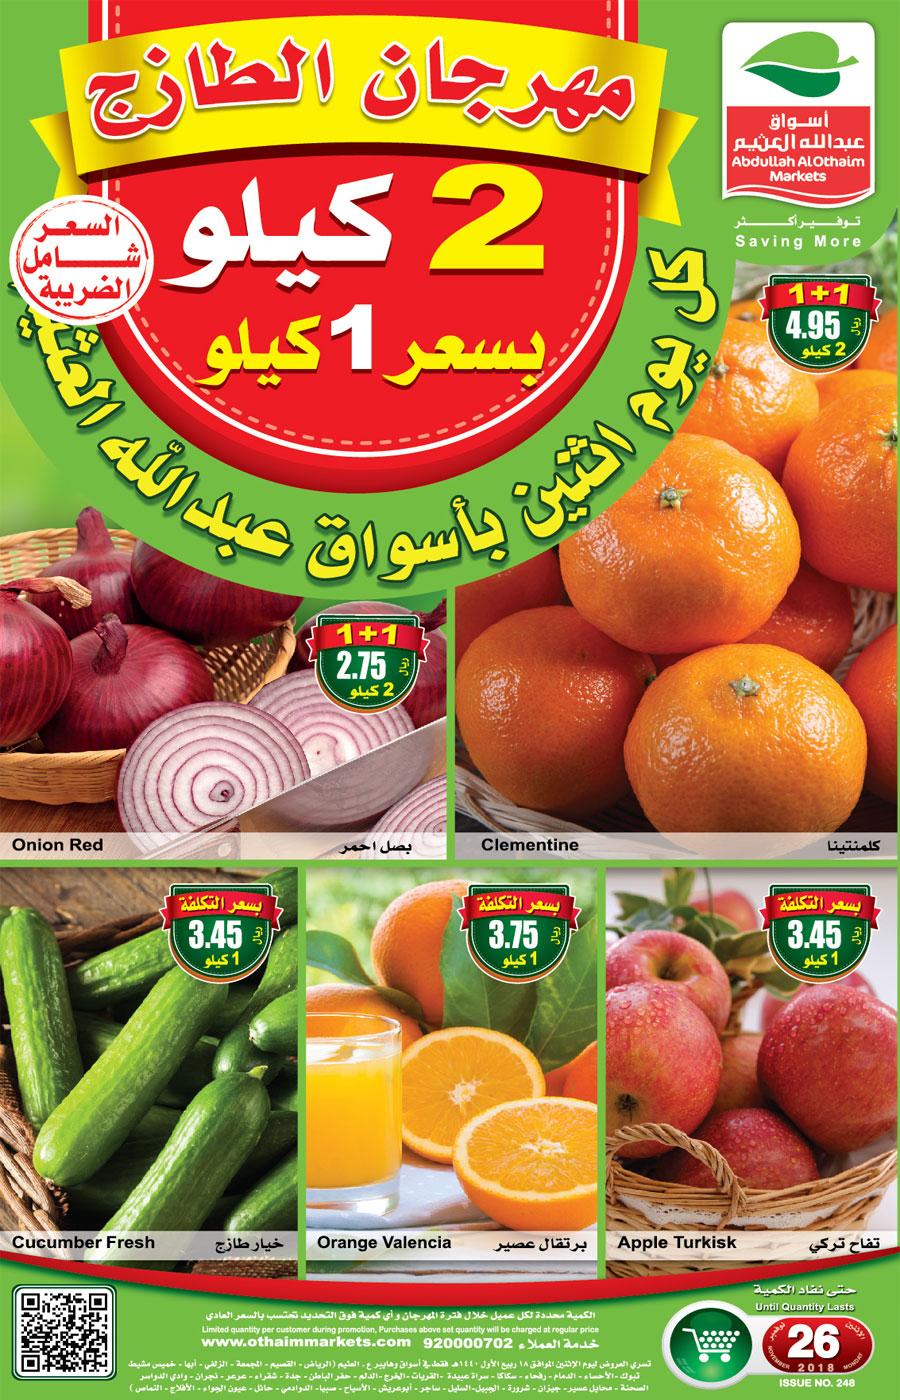 عروض العثيم السعودية الاثنين 26 نوفمبر 2018- عروض مهرجان الطازج الجديدة